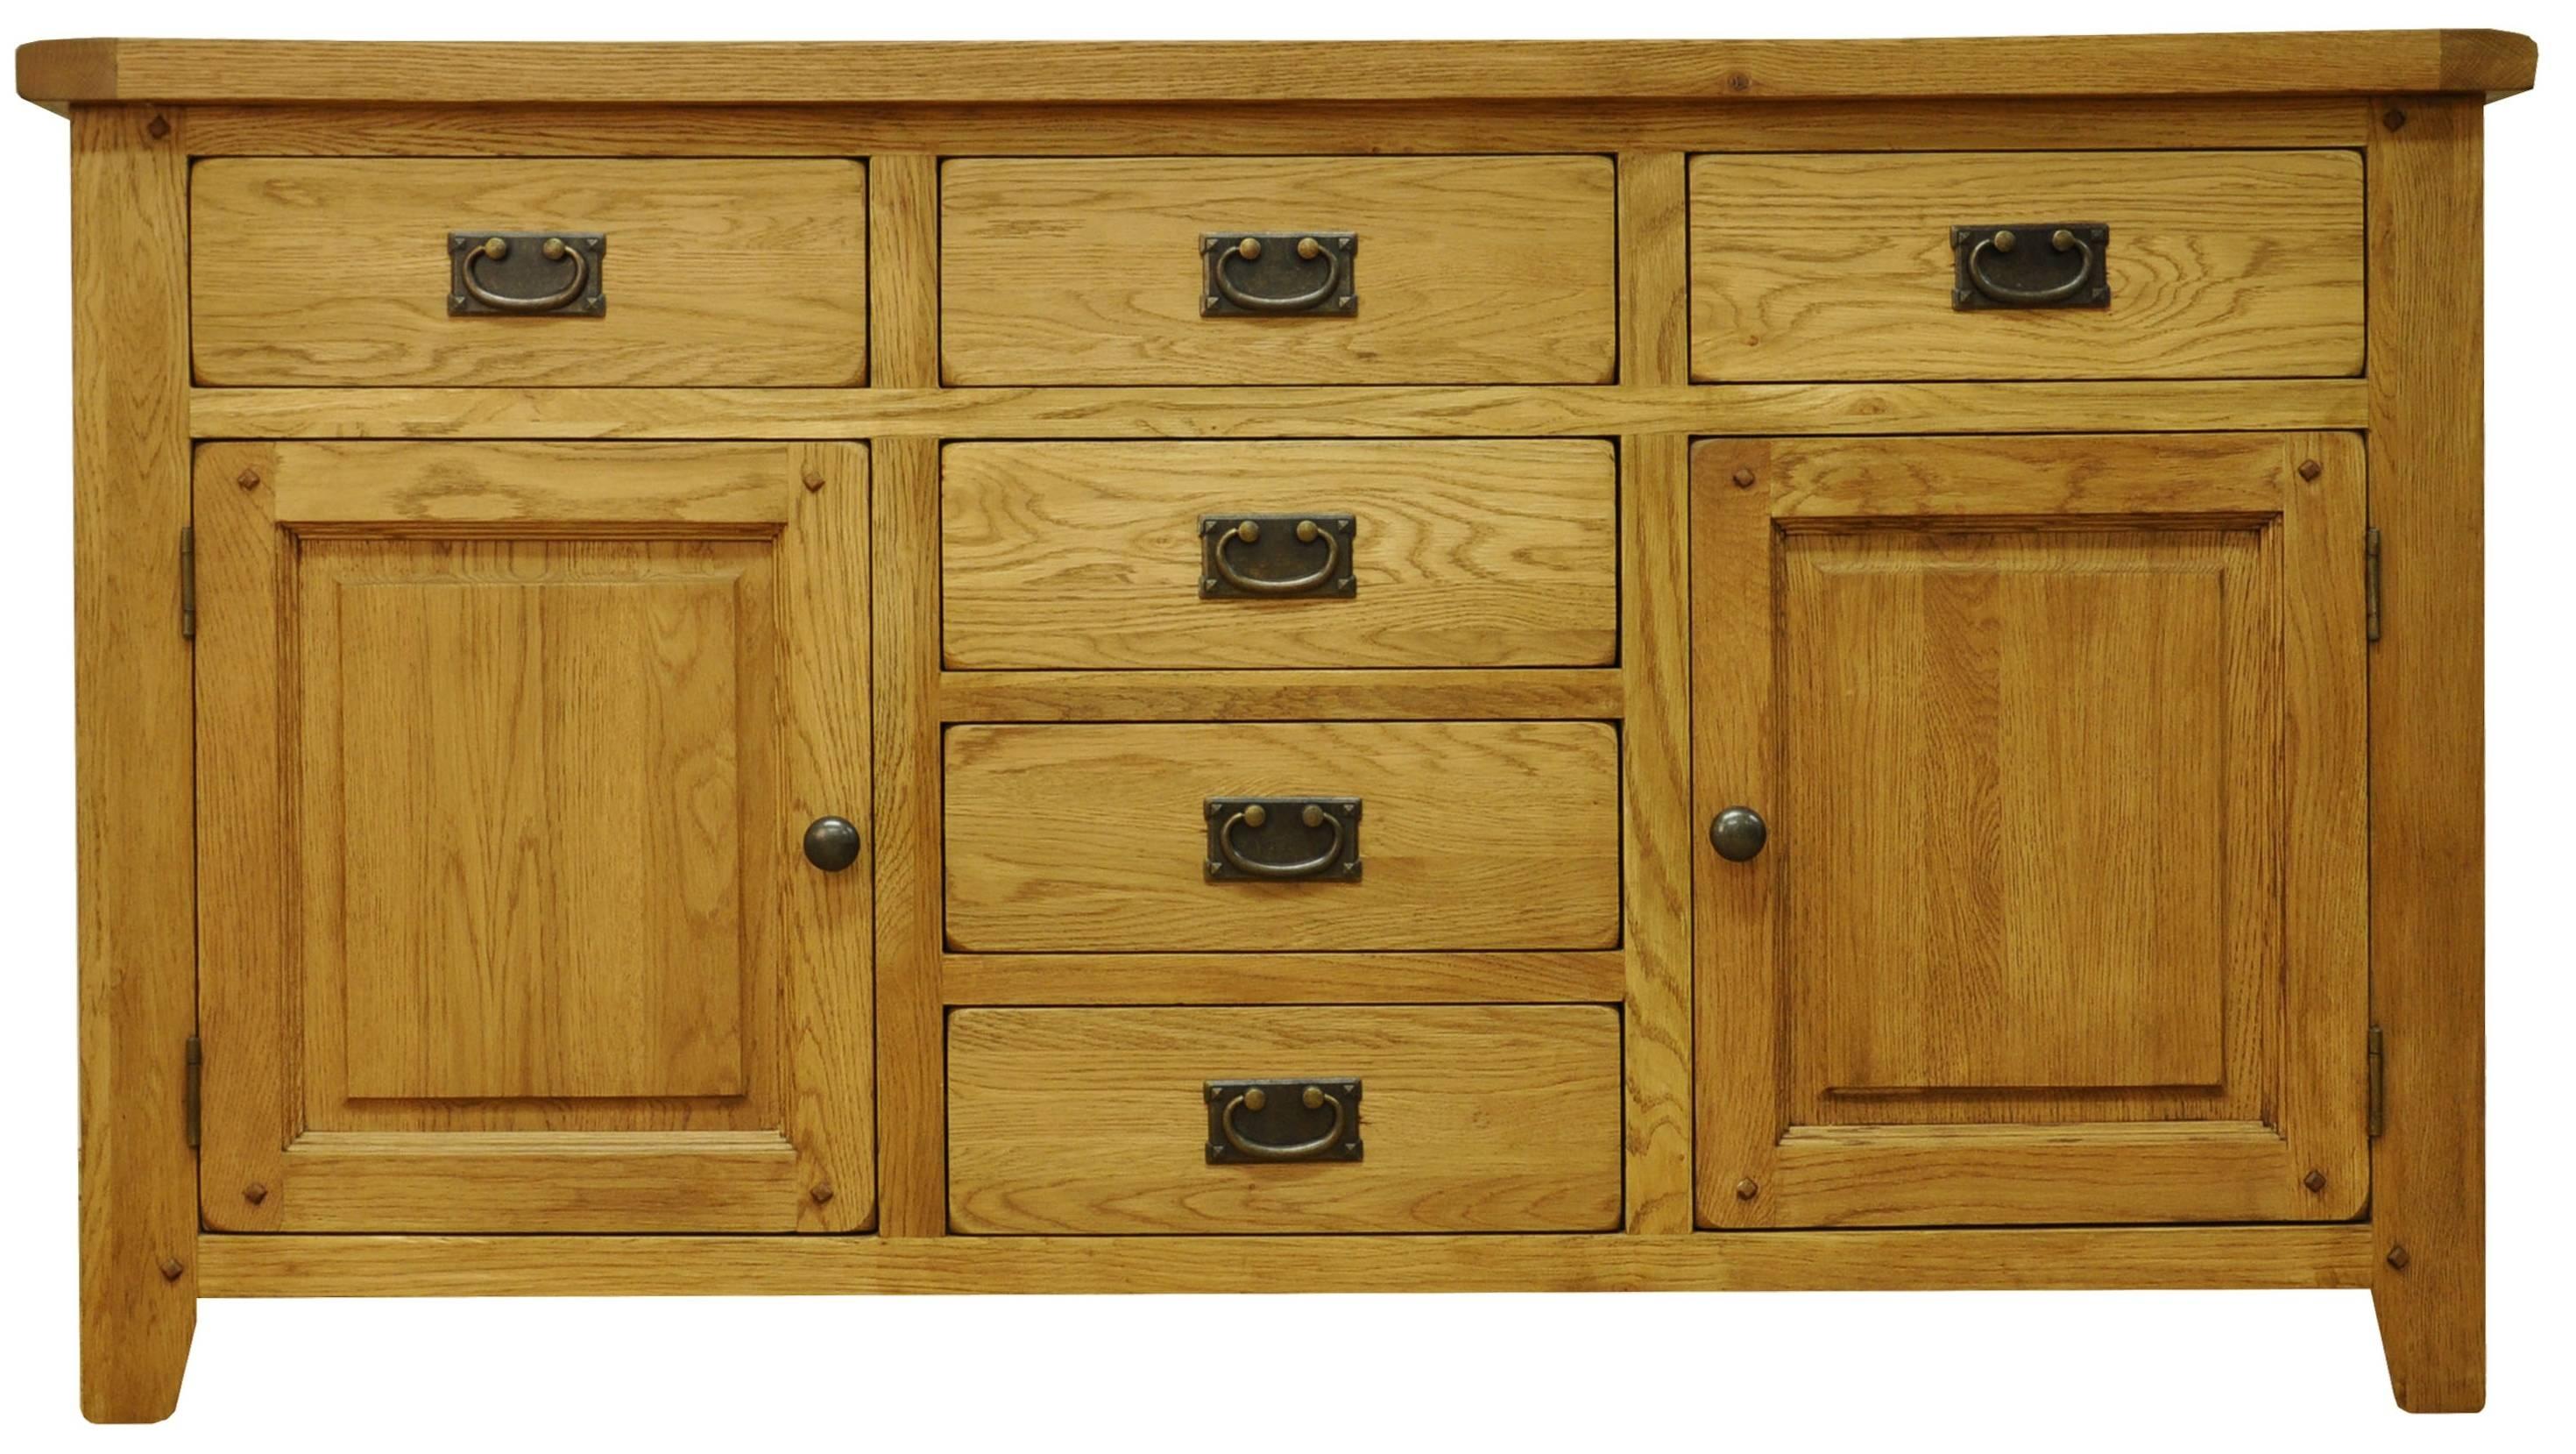 Oldbury Rustic Oak Sideboard With 2 Doors And 6 Drawersstanton Regarding 2018 Large Oak Sideboard (View 7 of 15)